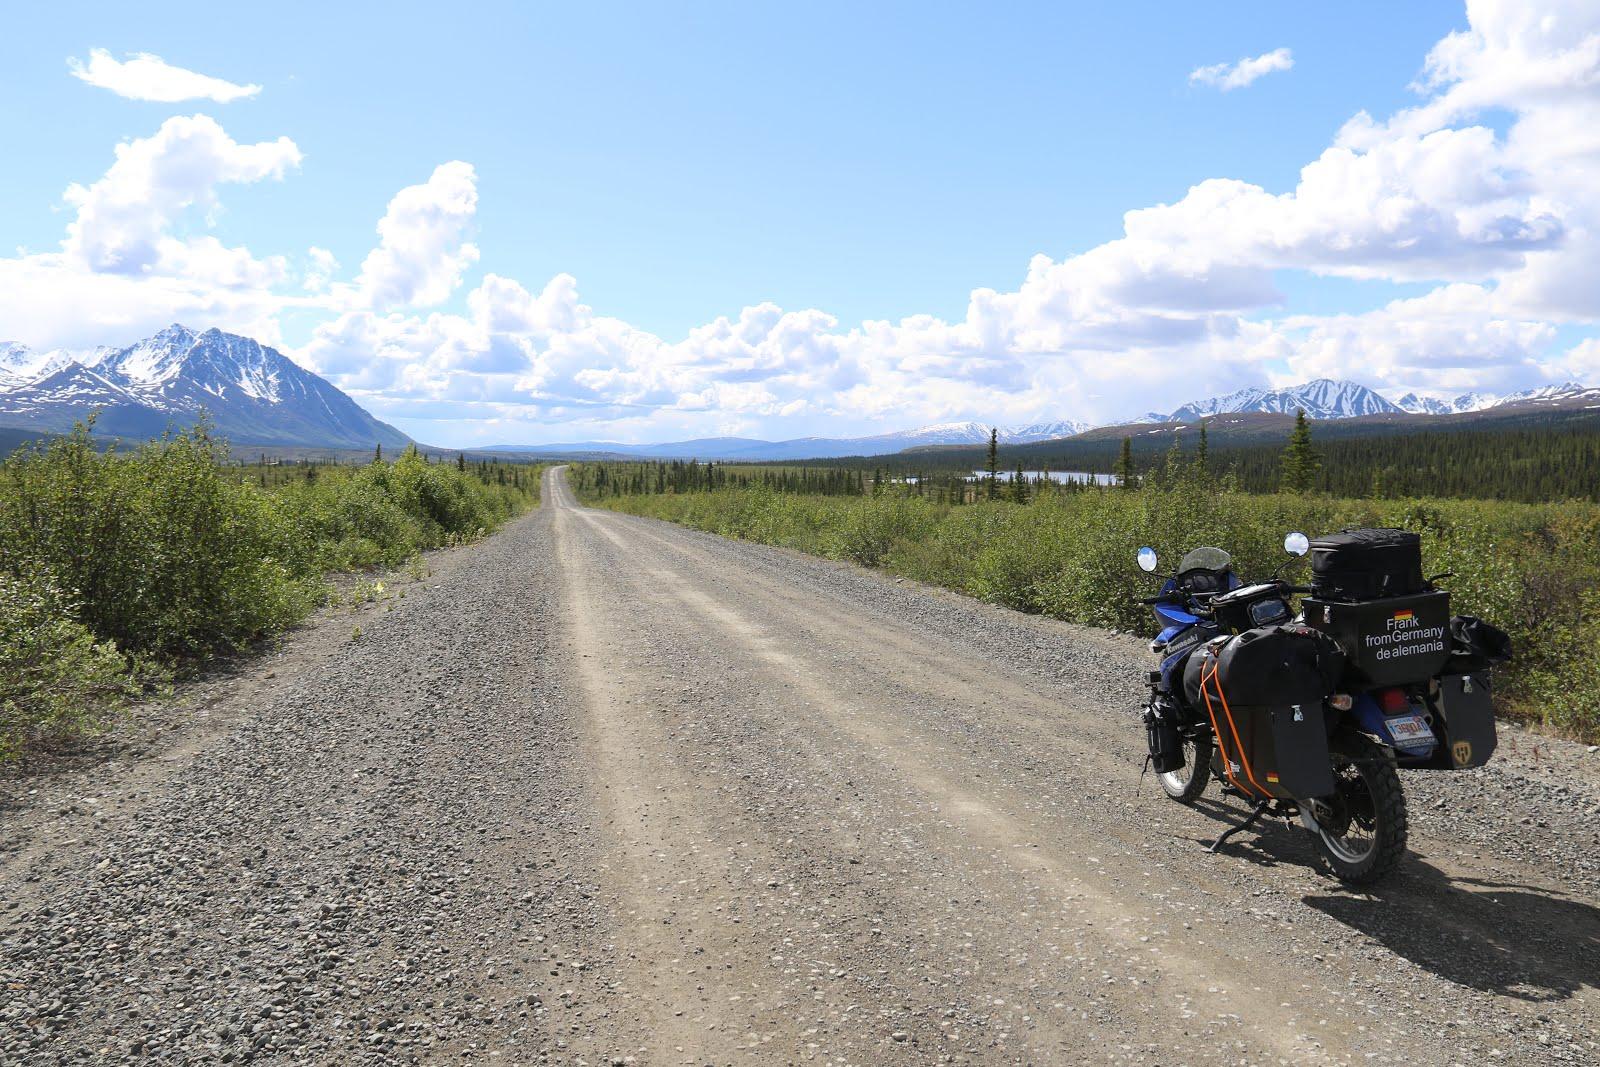 Alaska Und Kanada 2019 Mit Dem Motorrad Tag 15 Trennung